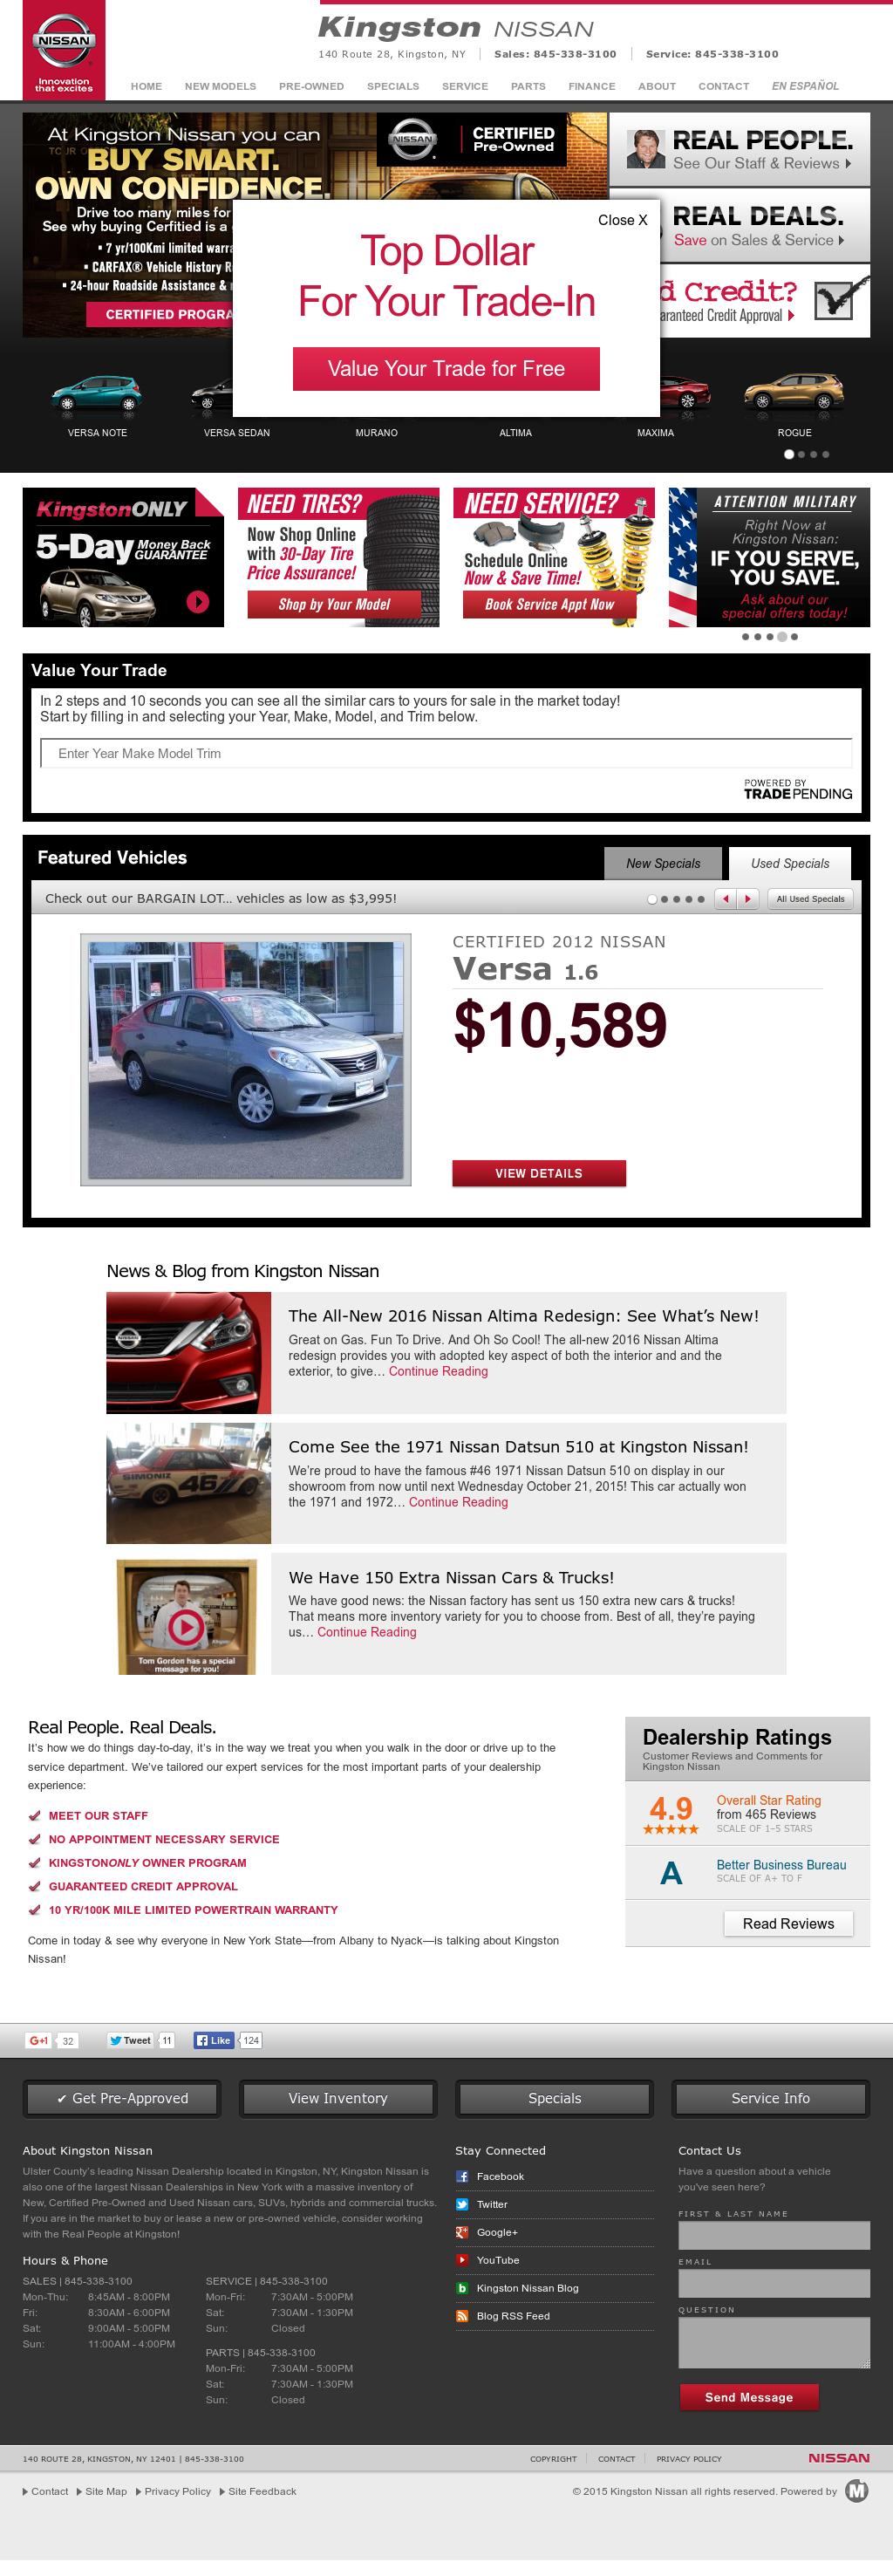 Nissan Kingston Ny >> Kingston Nissan Ny Competitors Revenue And Employees